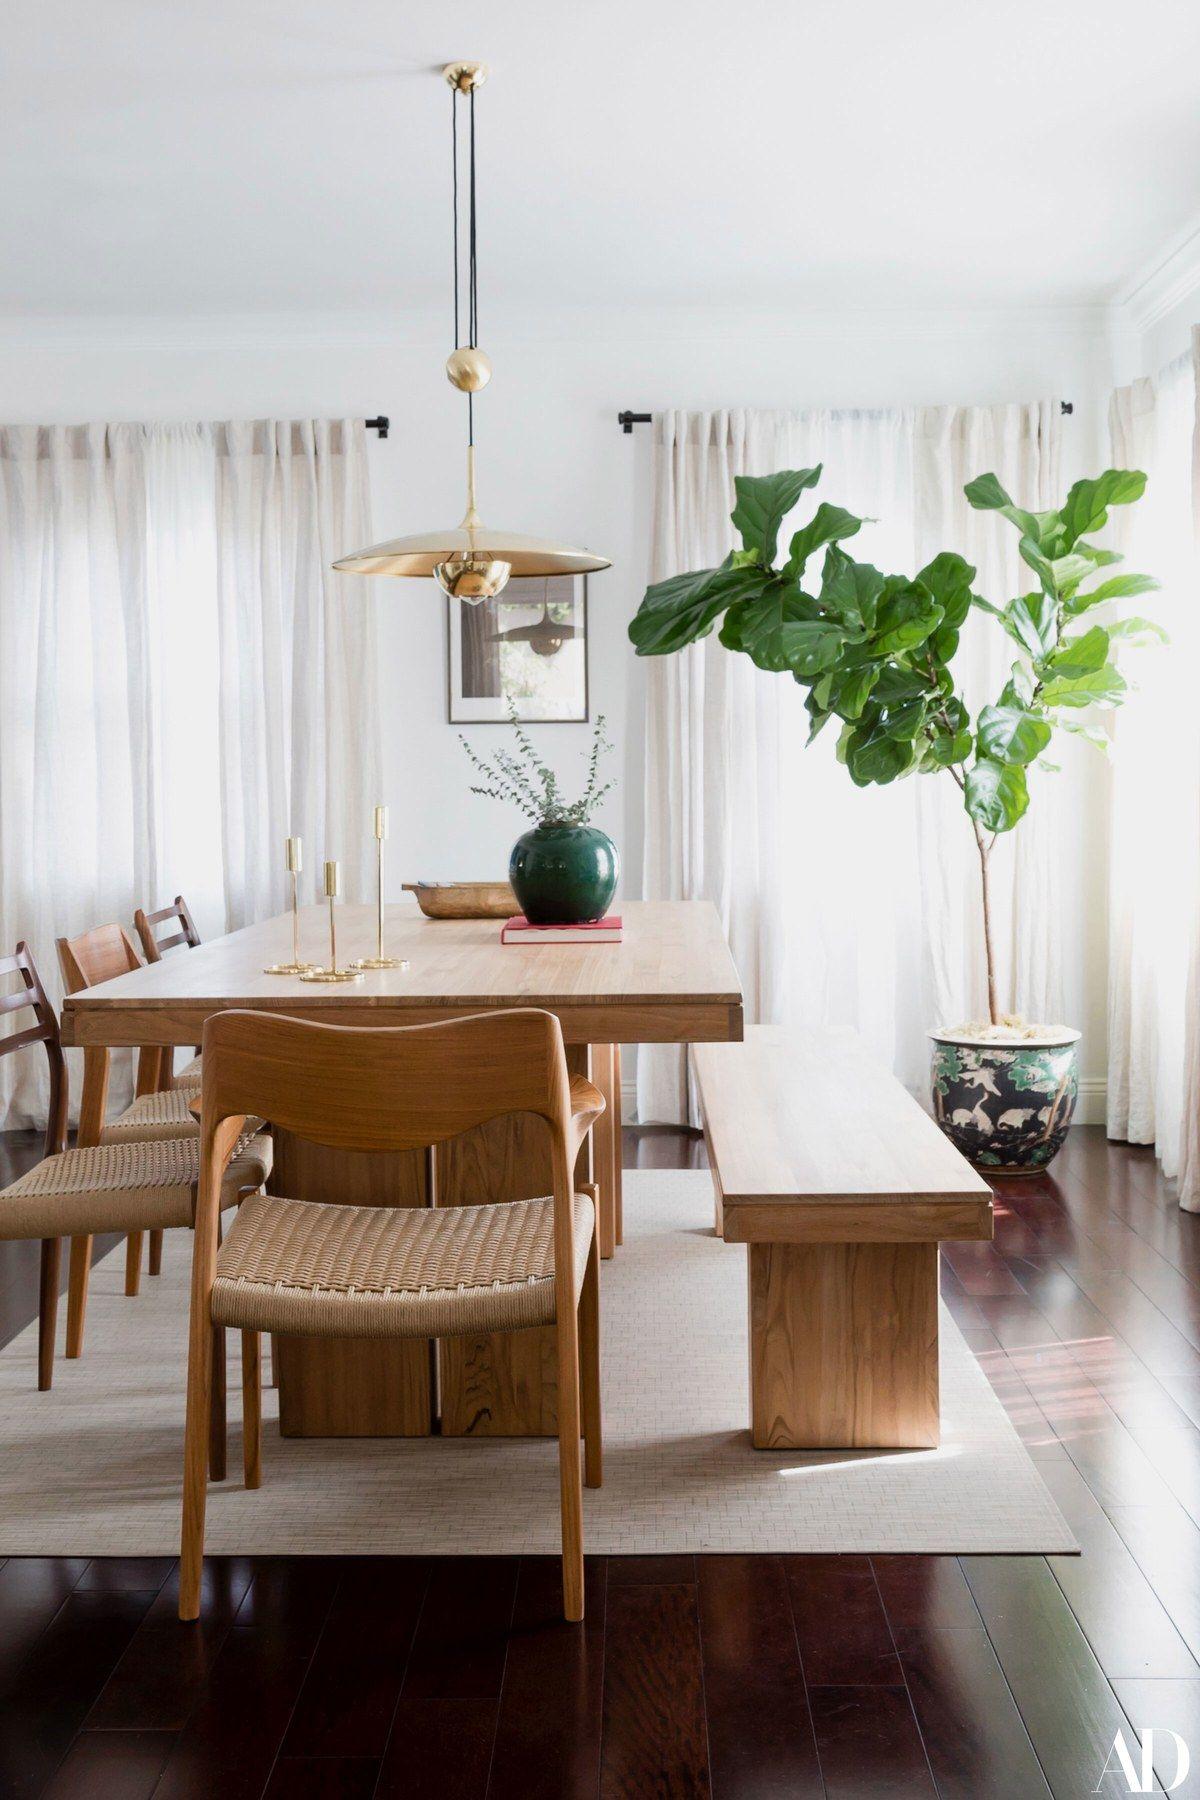 Kleines Aber Ruhiges Und Schones Haus In Holland